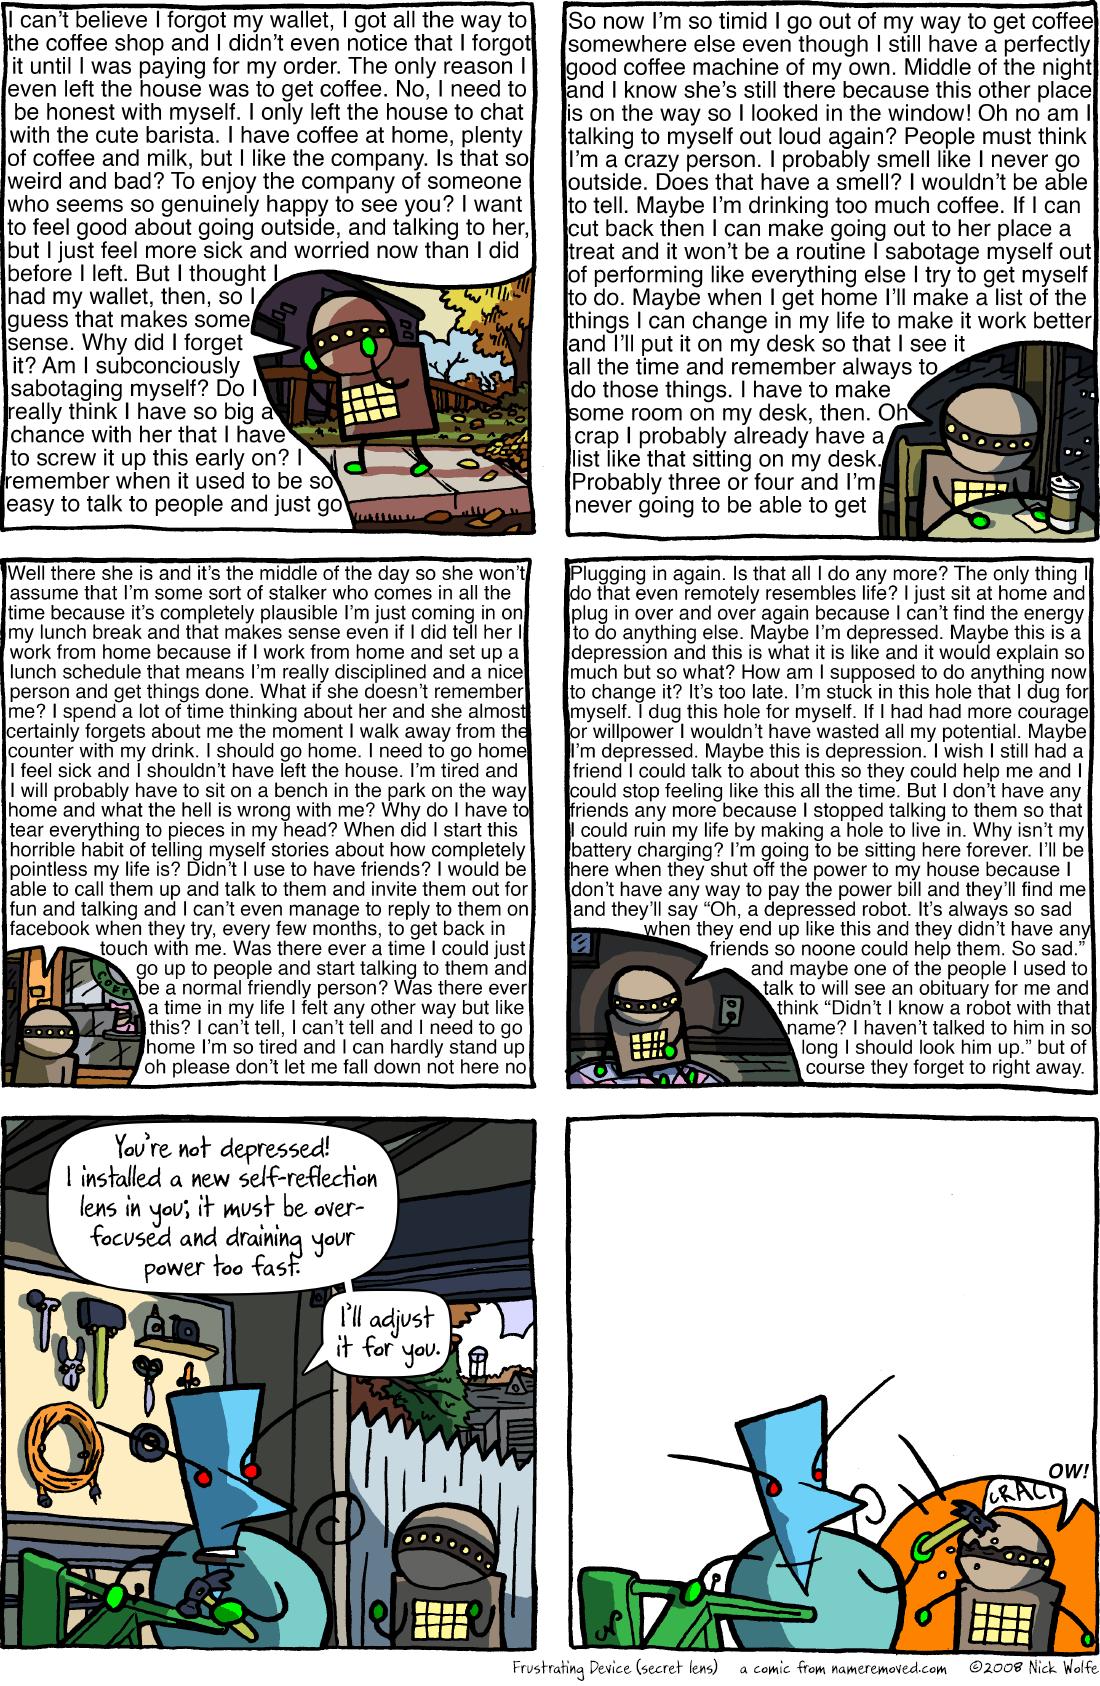 Frustrating Device (secret lens)